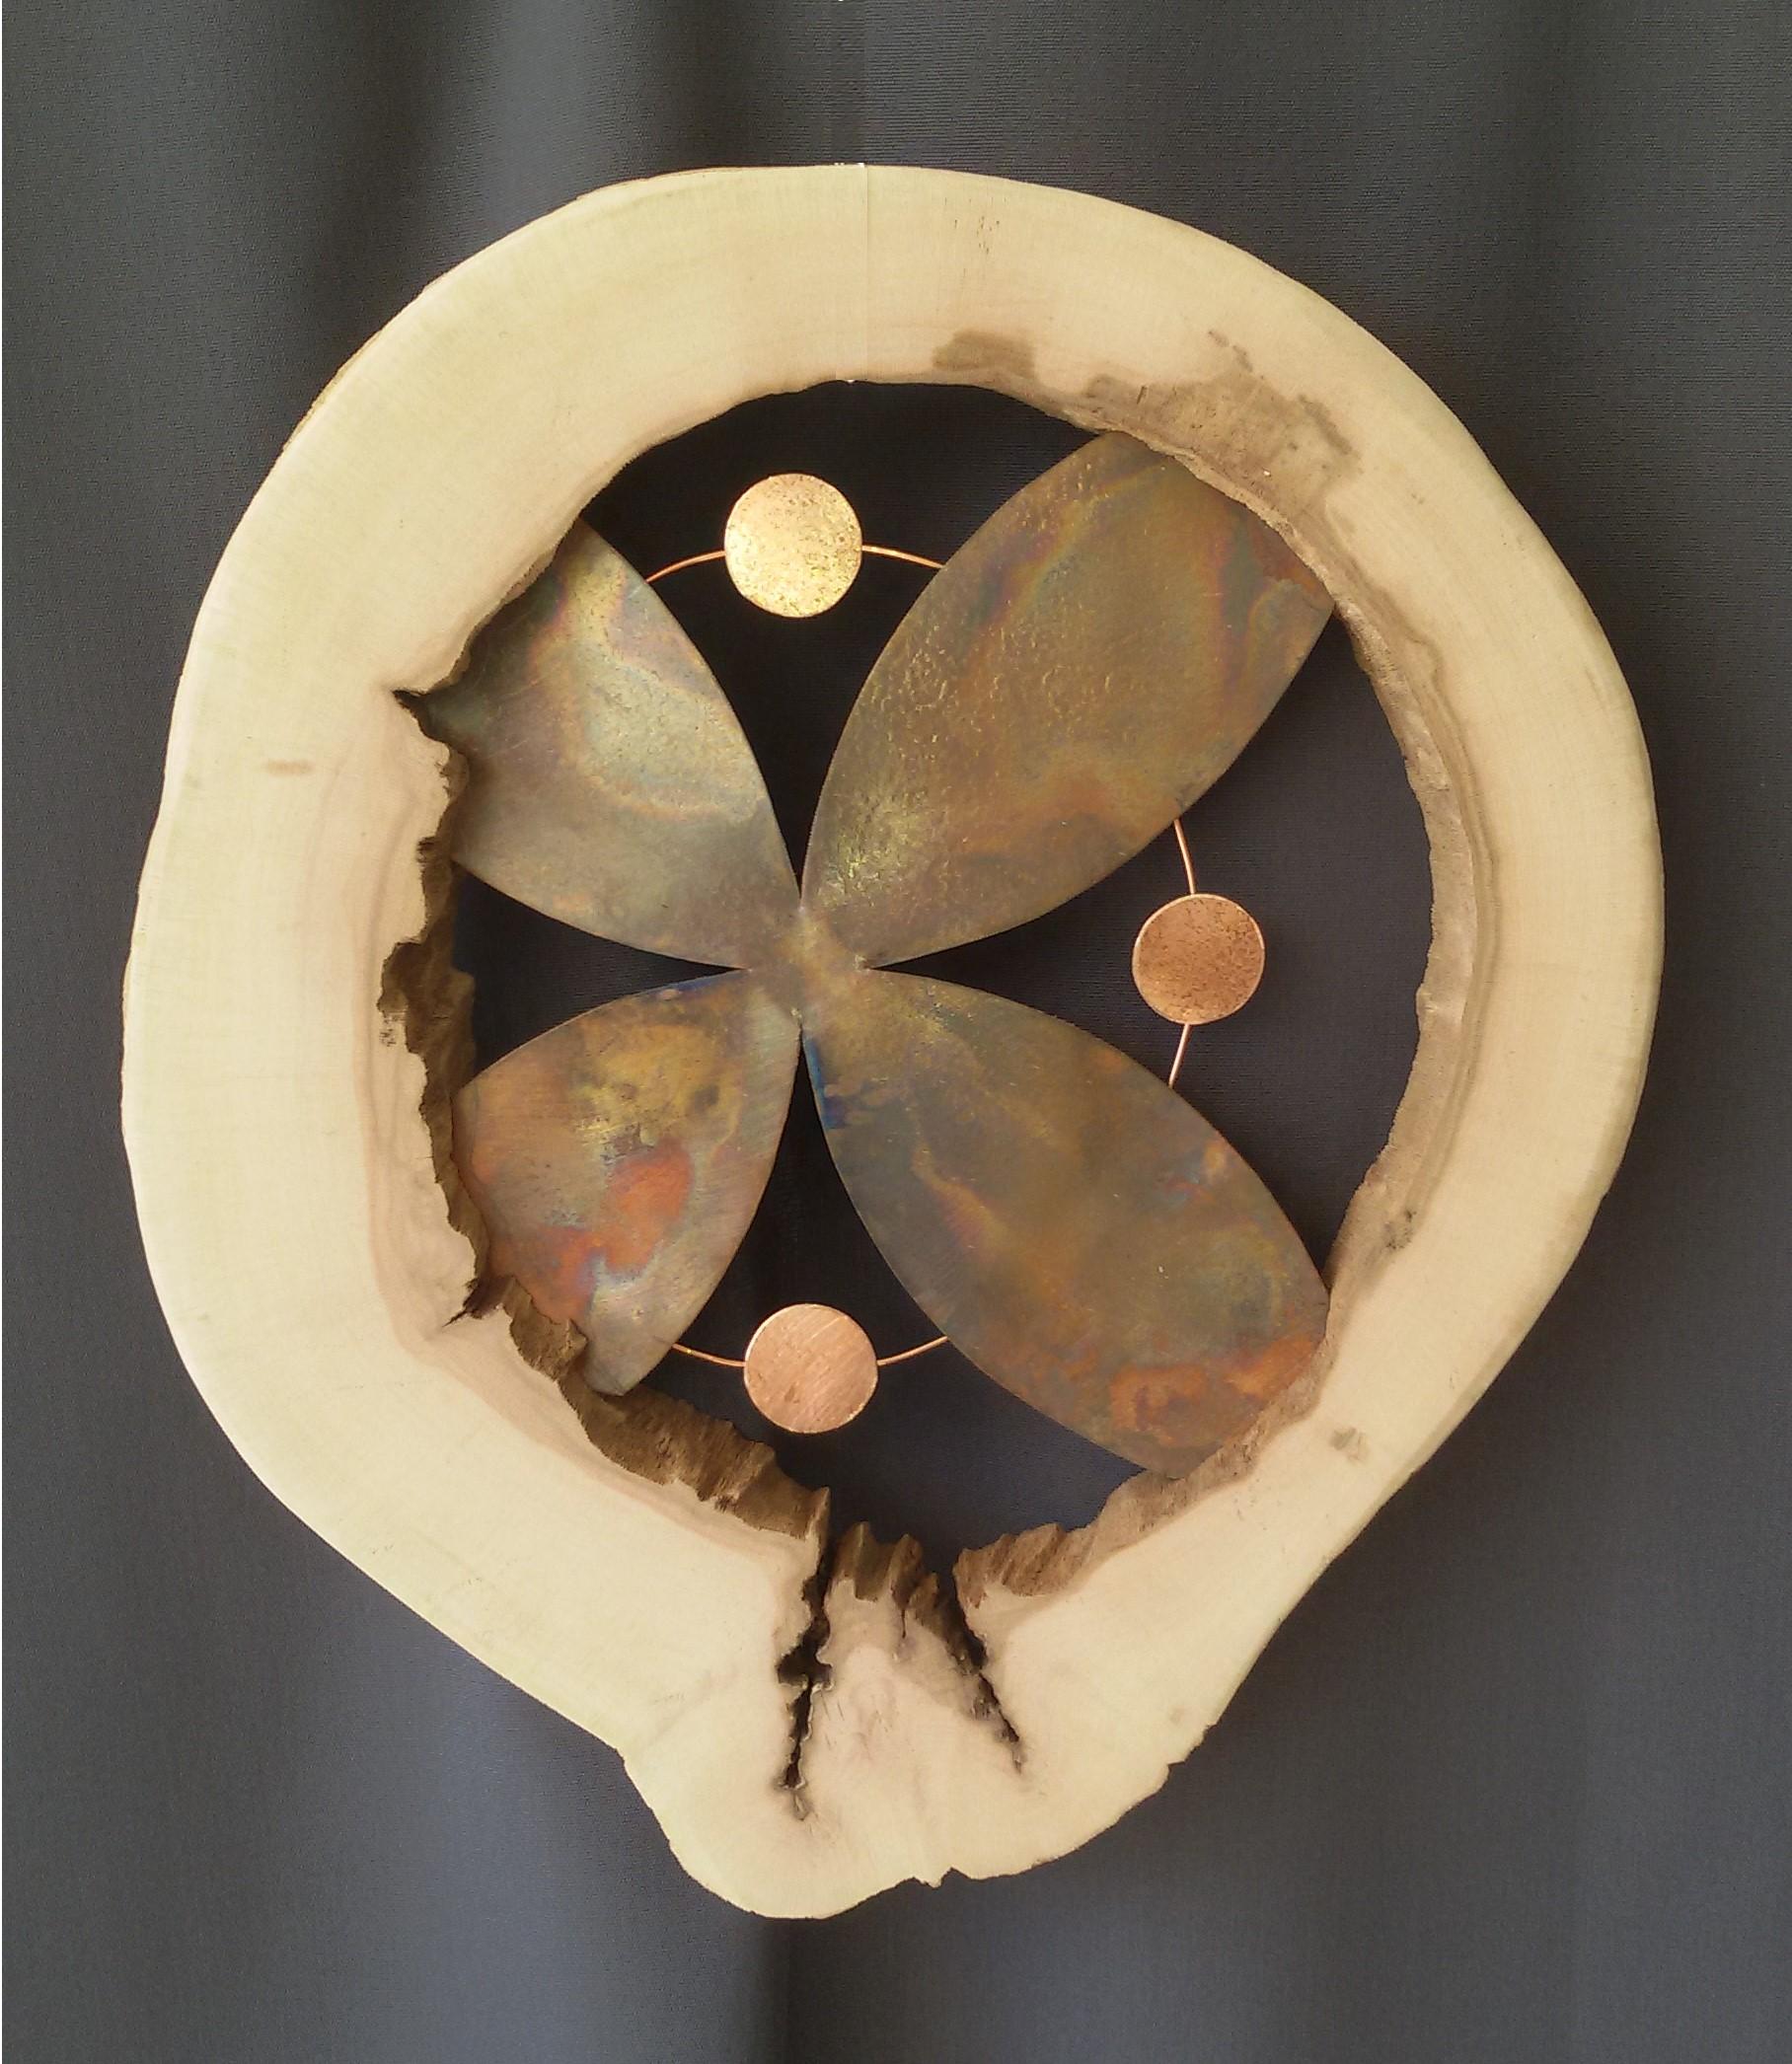 création artisanale, décoration murale, cuivre et bois